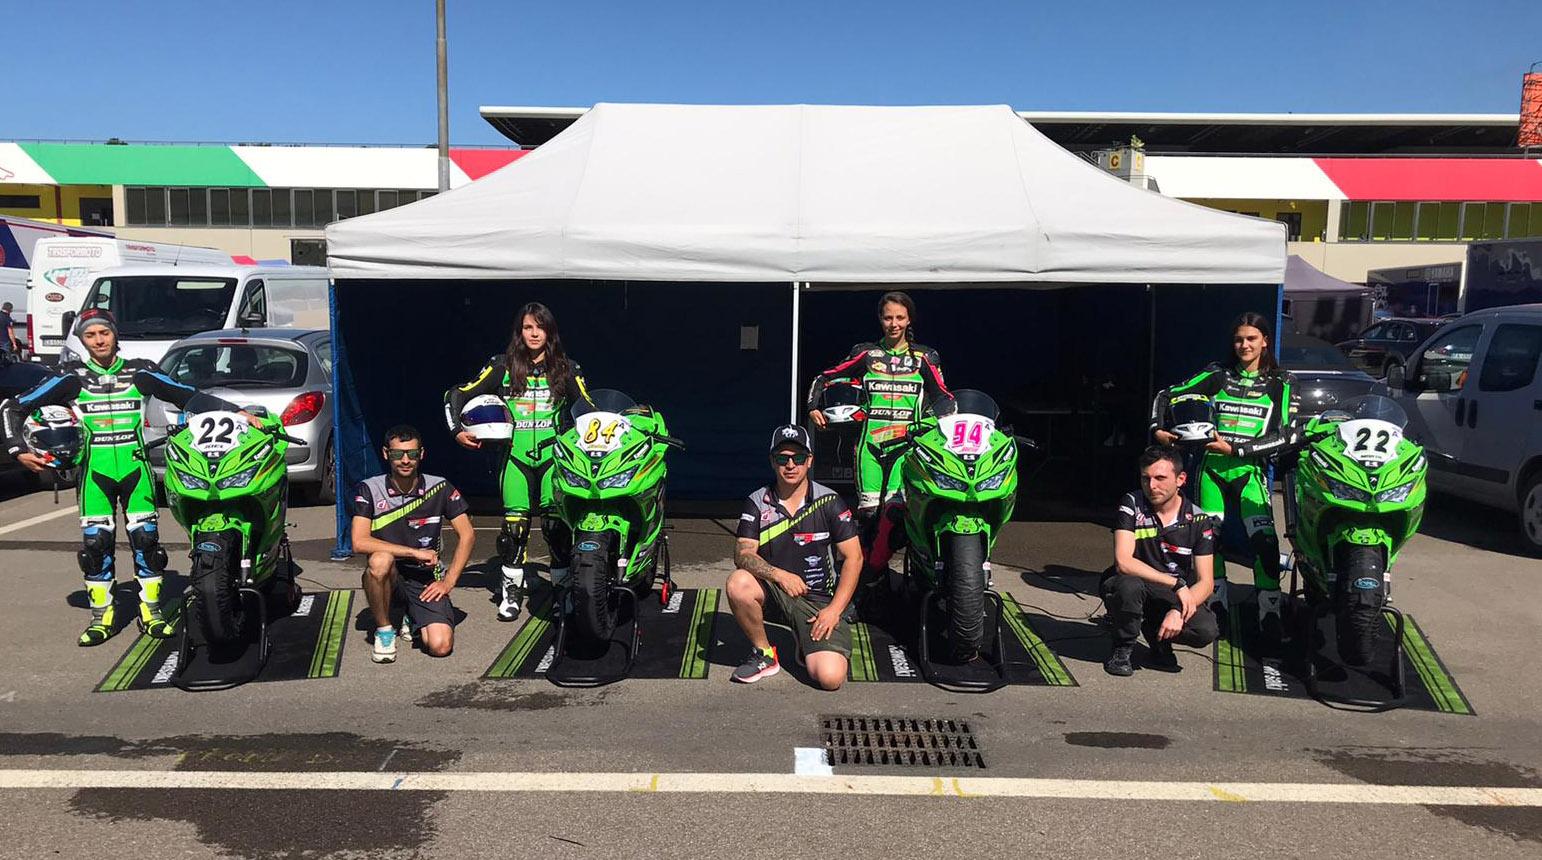 2 días de test para El equipo GP3 PA.SA.MA en Misano